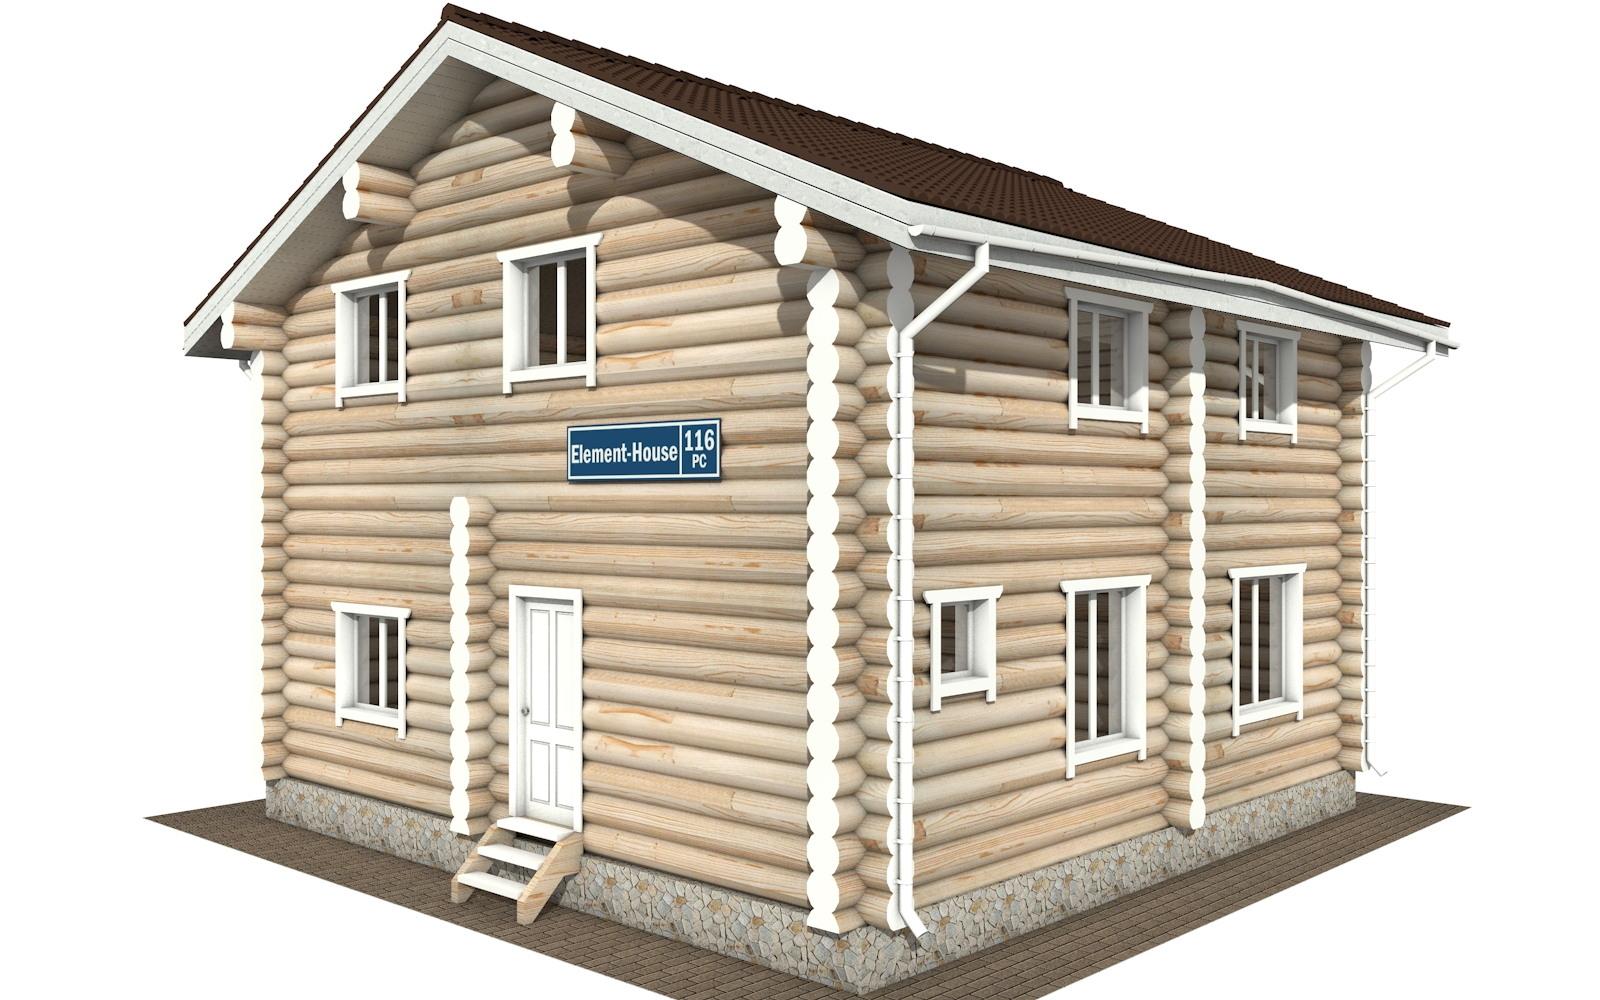 РС-116 - деревянный дома из бревна (из сруба)